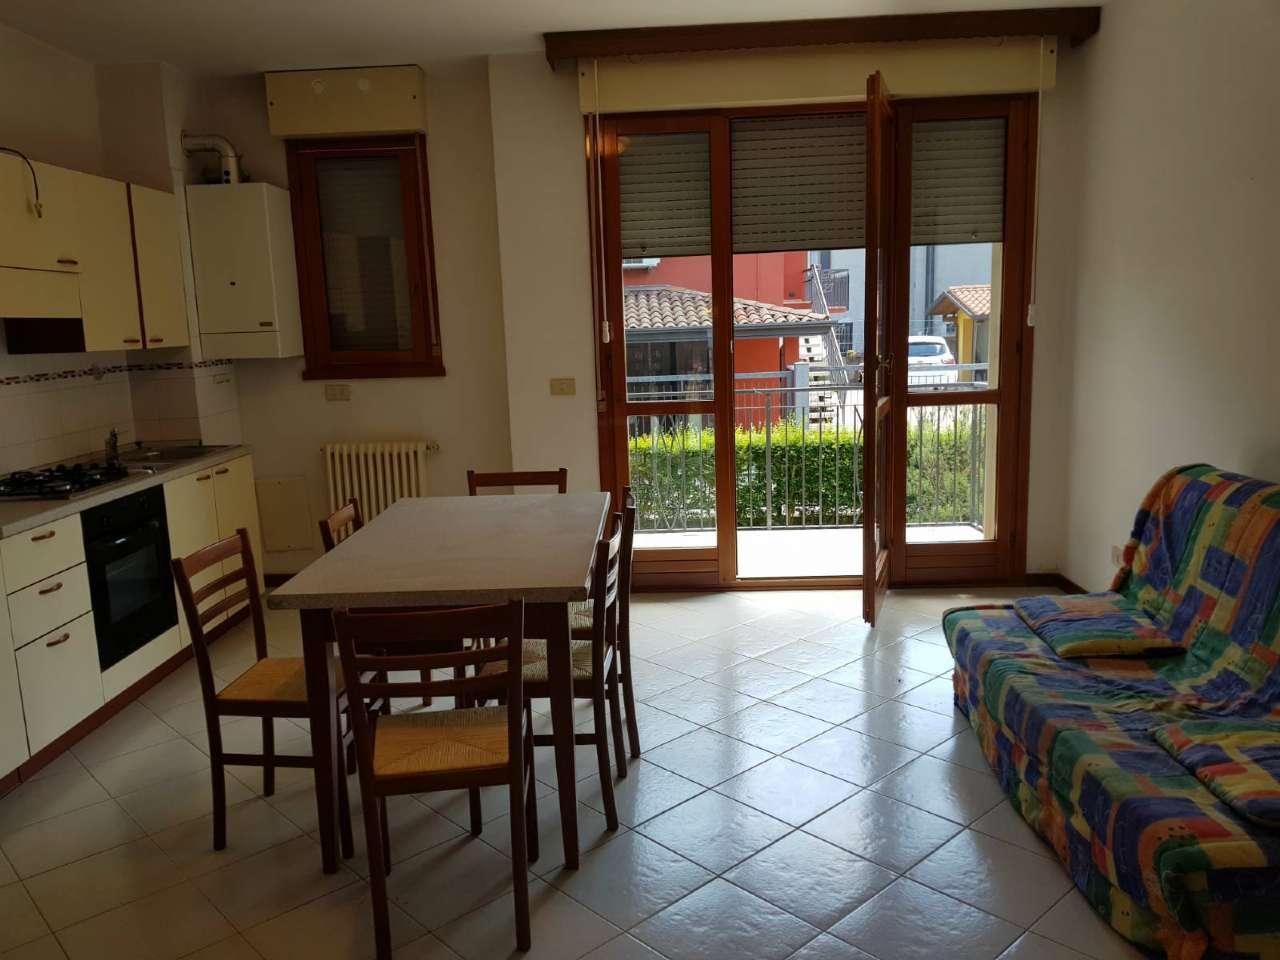 Appartamento in vendita a Mira, 2 locali, prezzo € 73.000 | CambioCasa.it